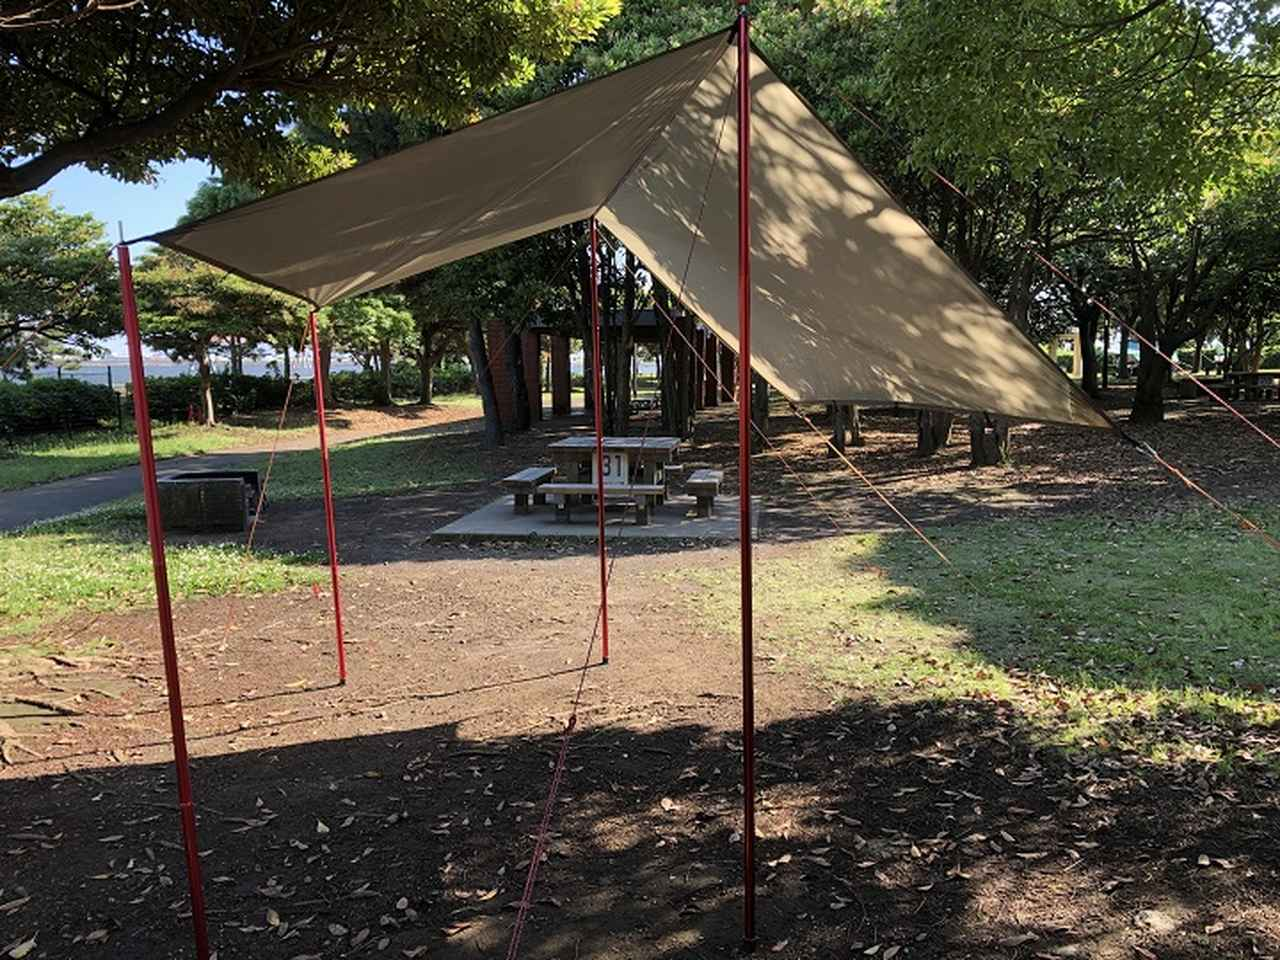 画像: オープンタープの基本的な張り方を伝授 一人で簡単設営! 雨・風が強い日のポイントも紹介 - ハピキャン(HAPPY CAMPER)